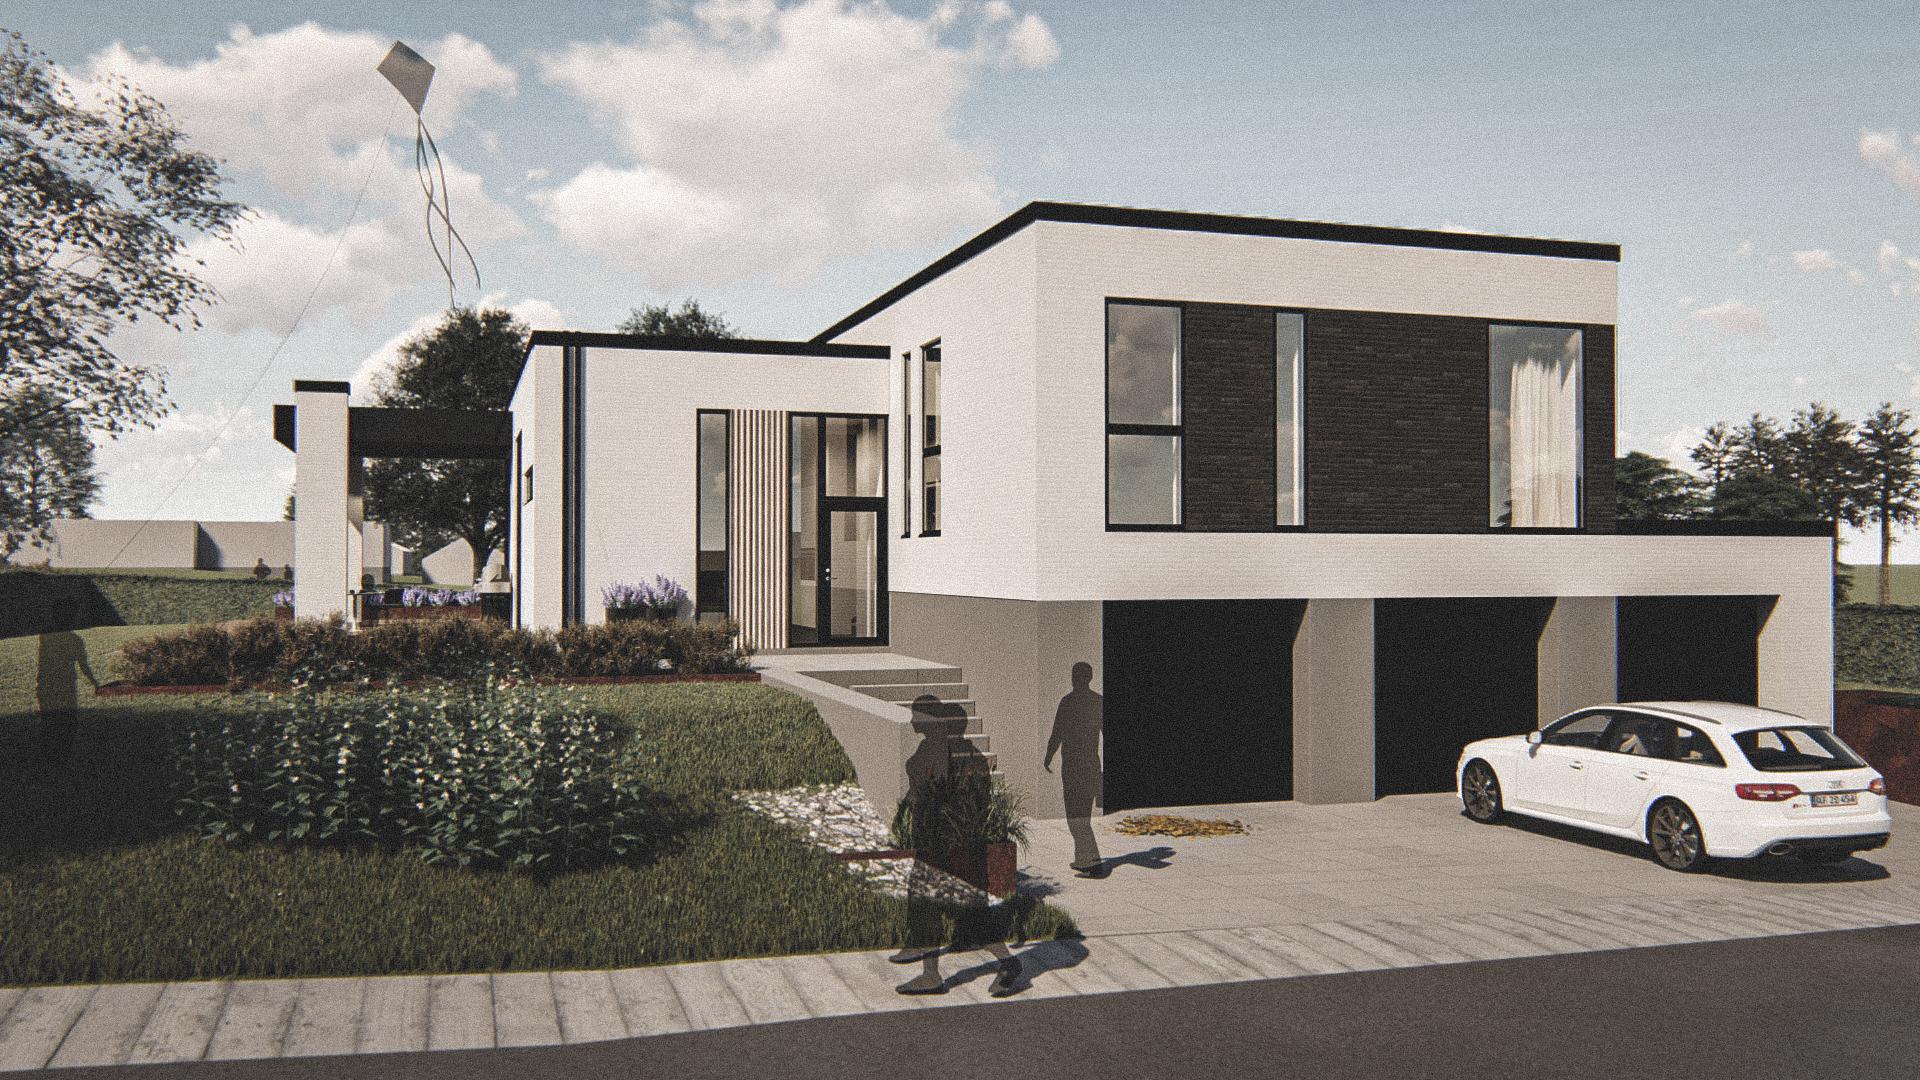 Billede af Dansk arkitekttegnet 2 plan villa af arkitektfirmaet m2plus, i Brønderslev på 248 kvartratmeter.